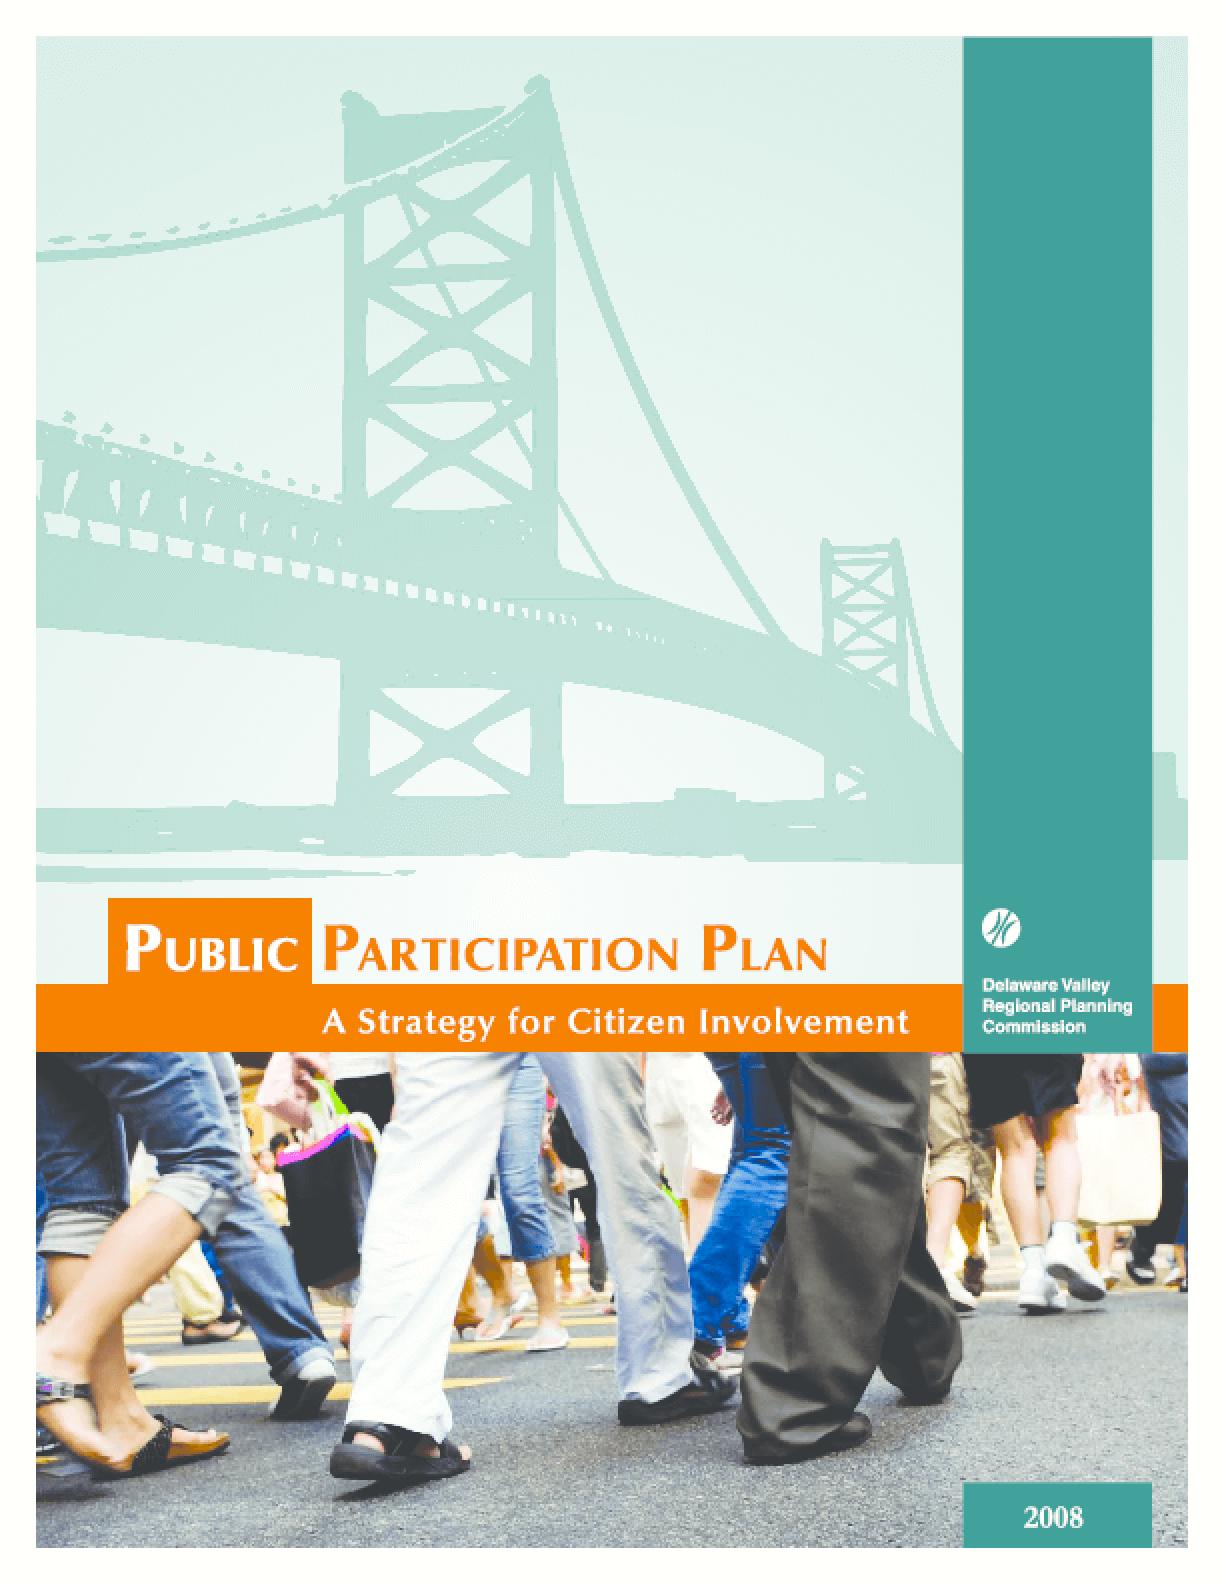 Public Participation Plan: A Strategy for Citizen Involvement